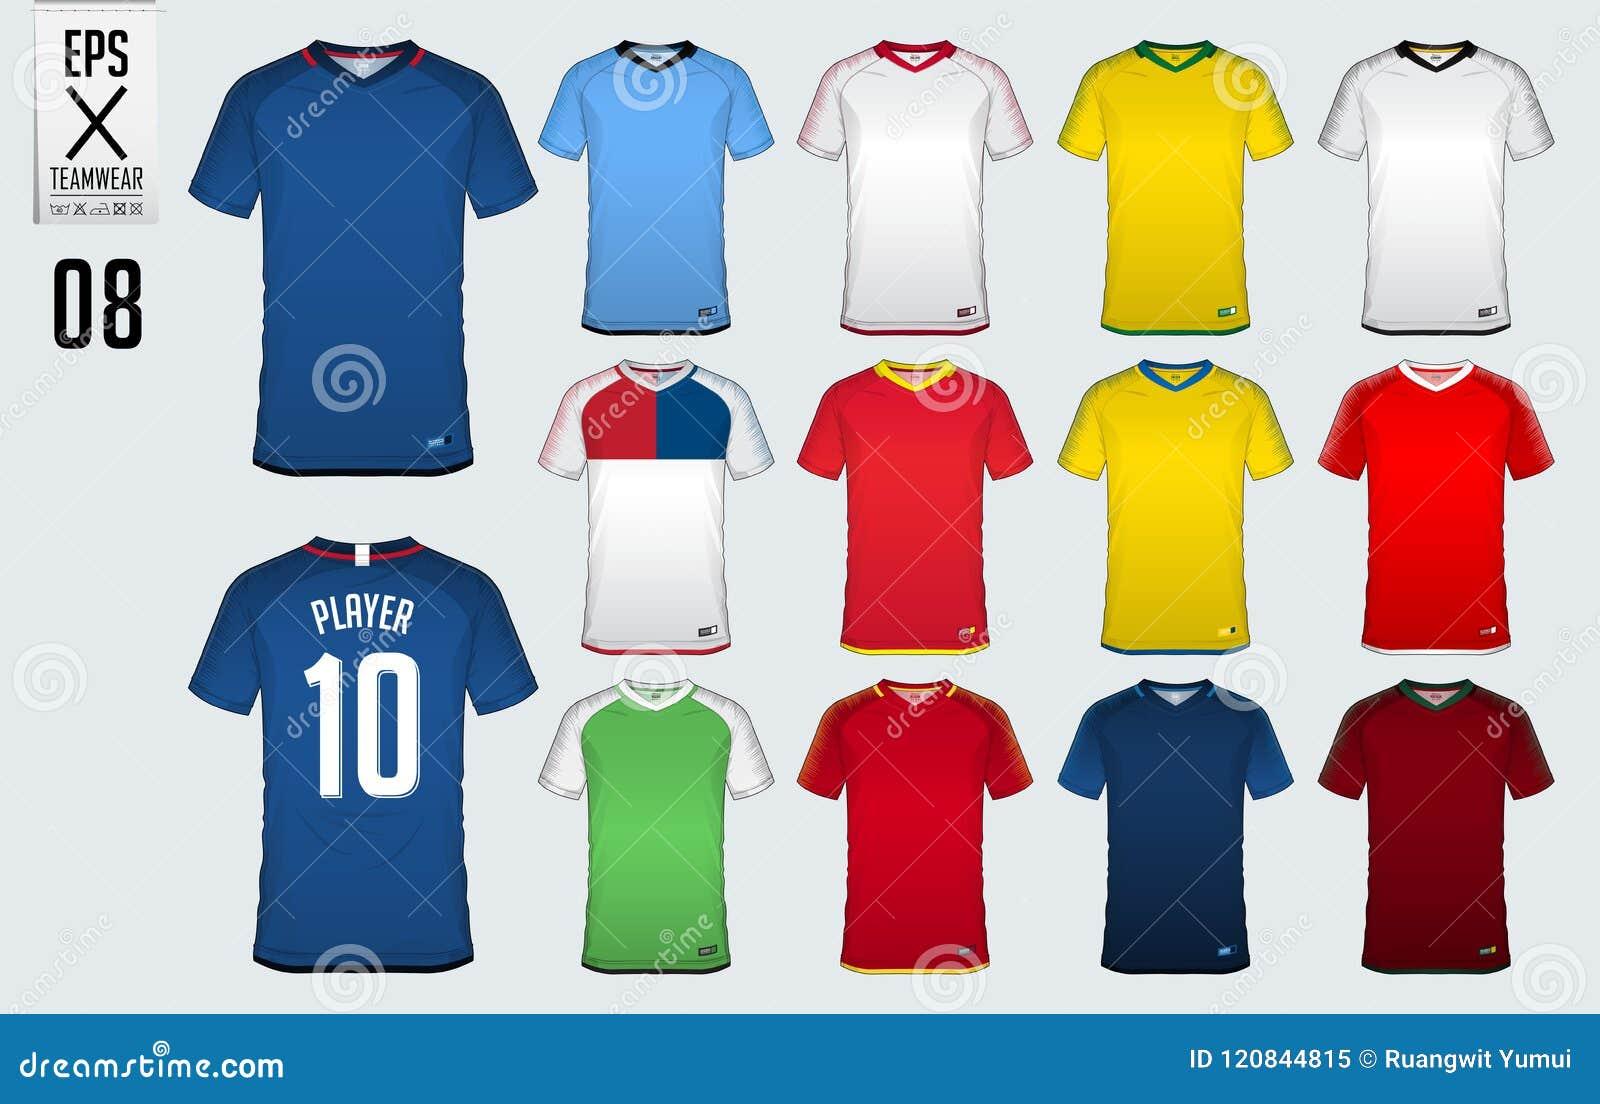 53bca9c1f Soccer jersey, football kit, t-shirt sport template design for sport club. Football  t-shirt mock up.